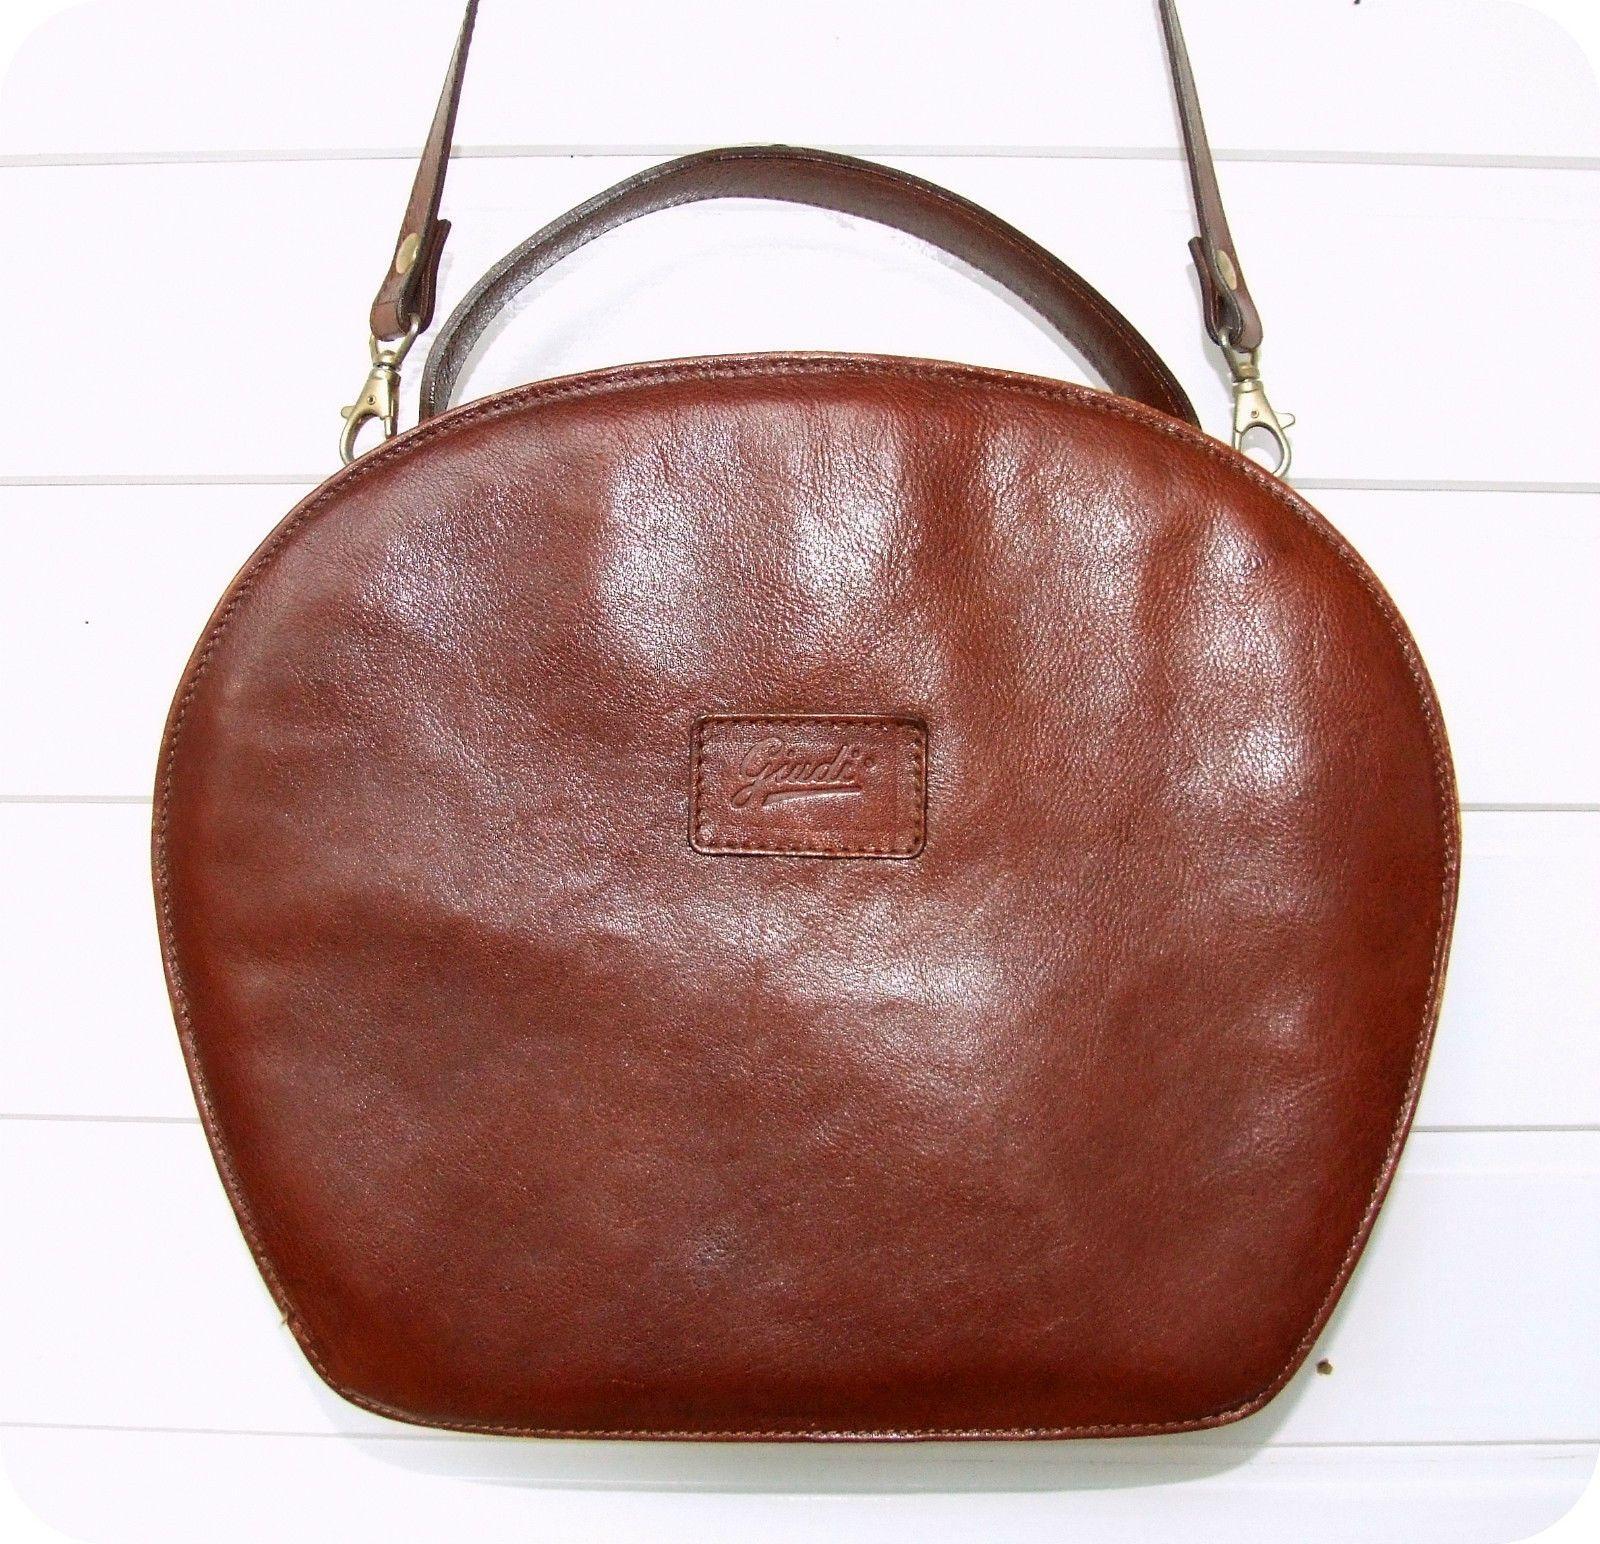 Vintage GIUDI Leder Tasche Handtasche Bag Leather Purse Umhänge ...